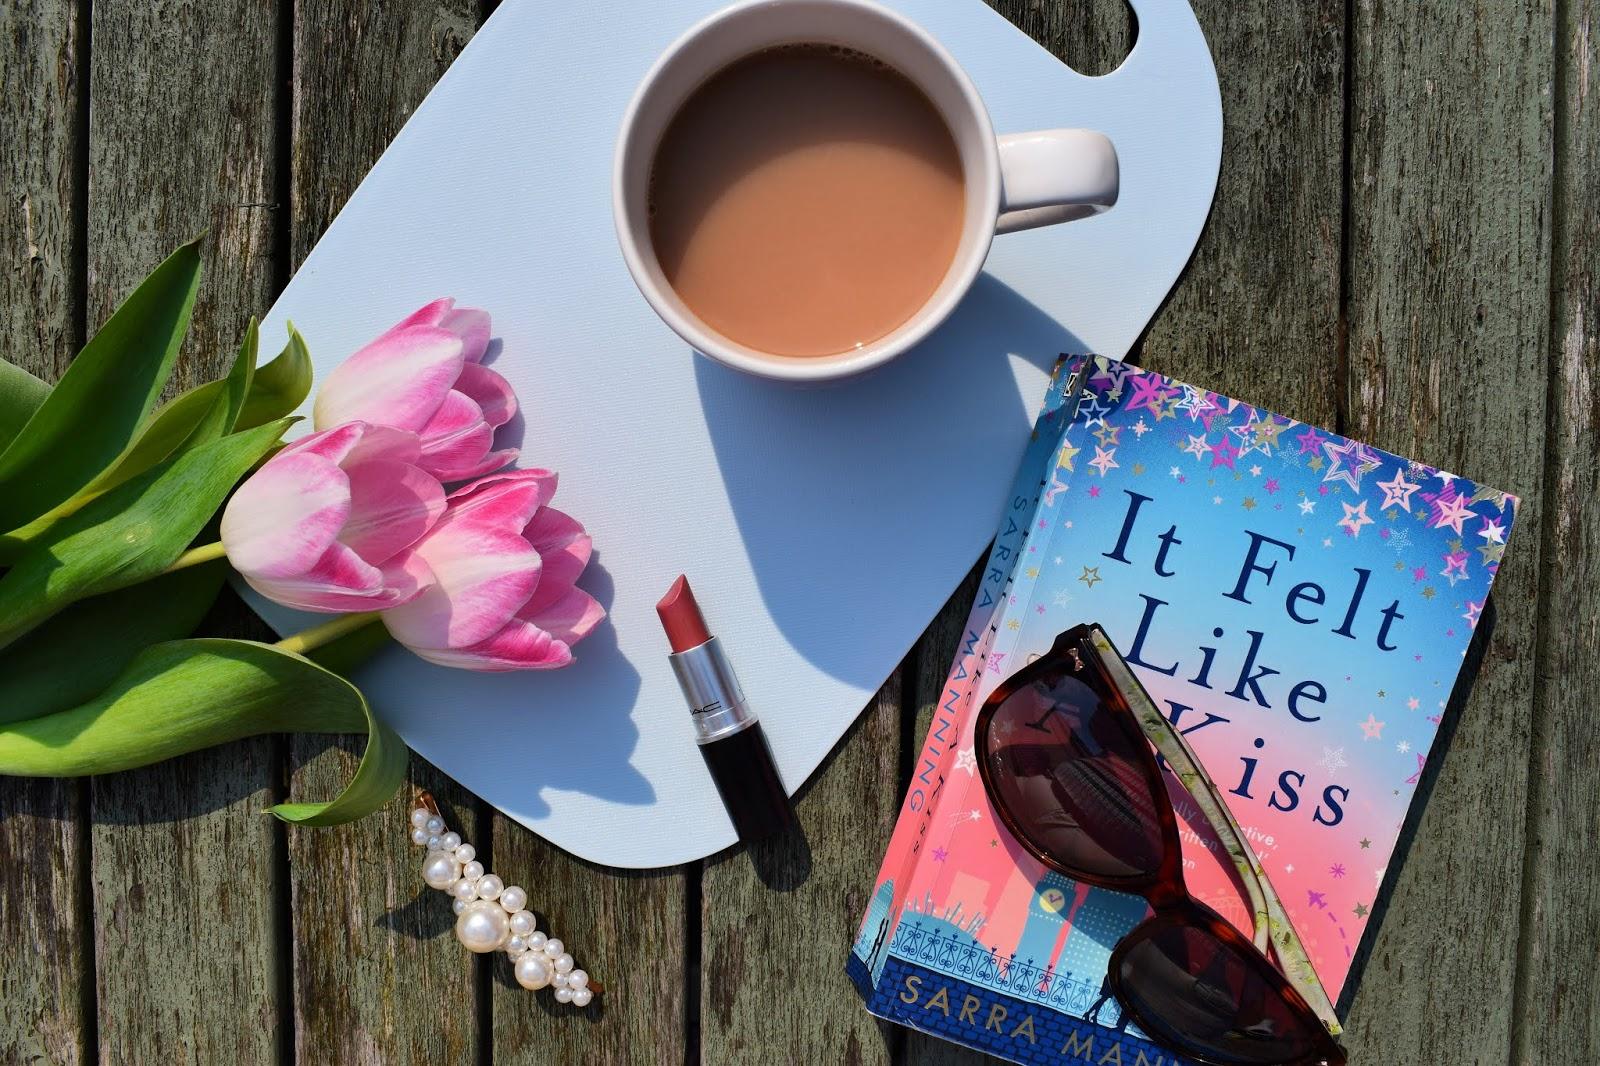 Book review  It felt like a kiss - Sarra Manning